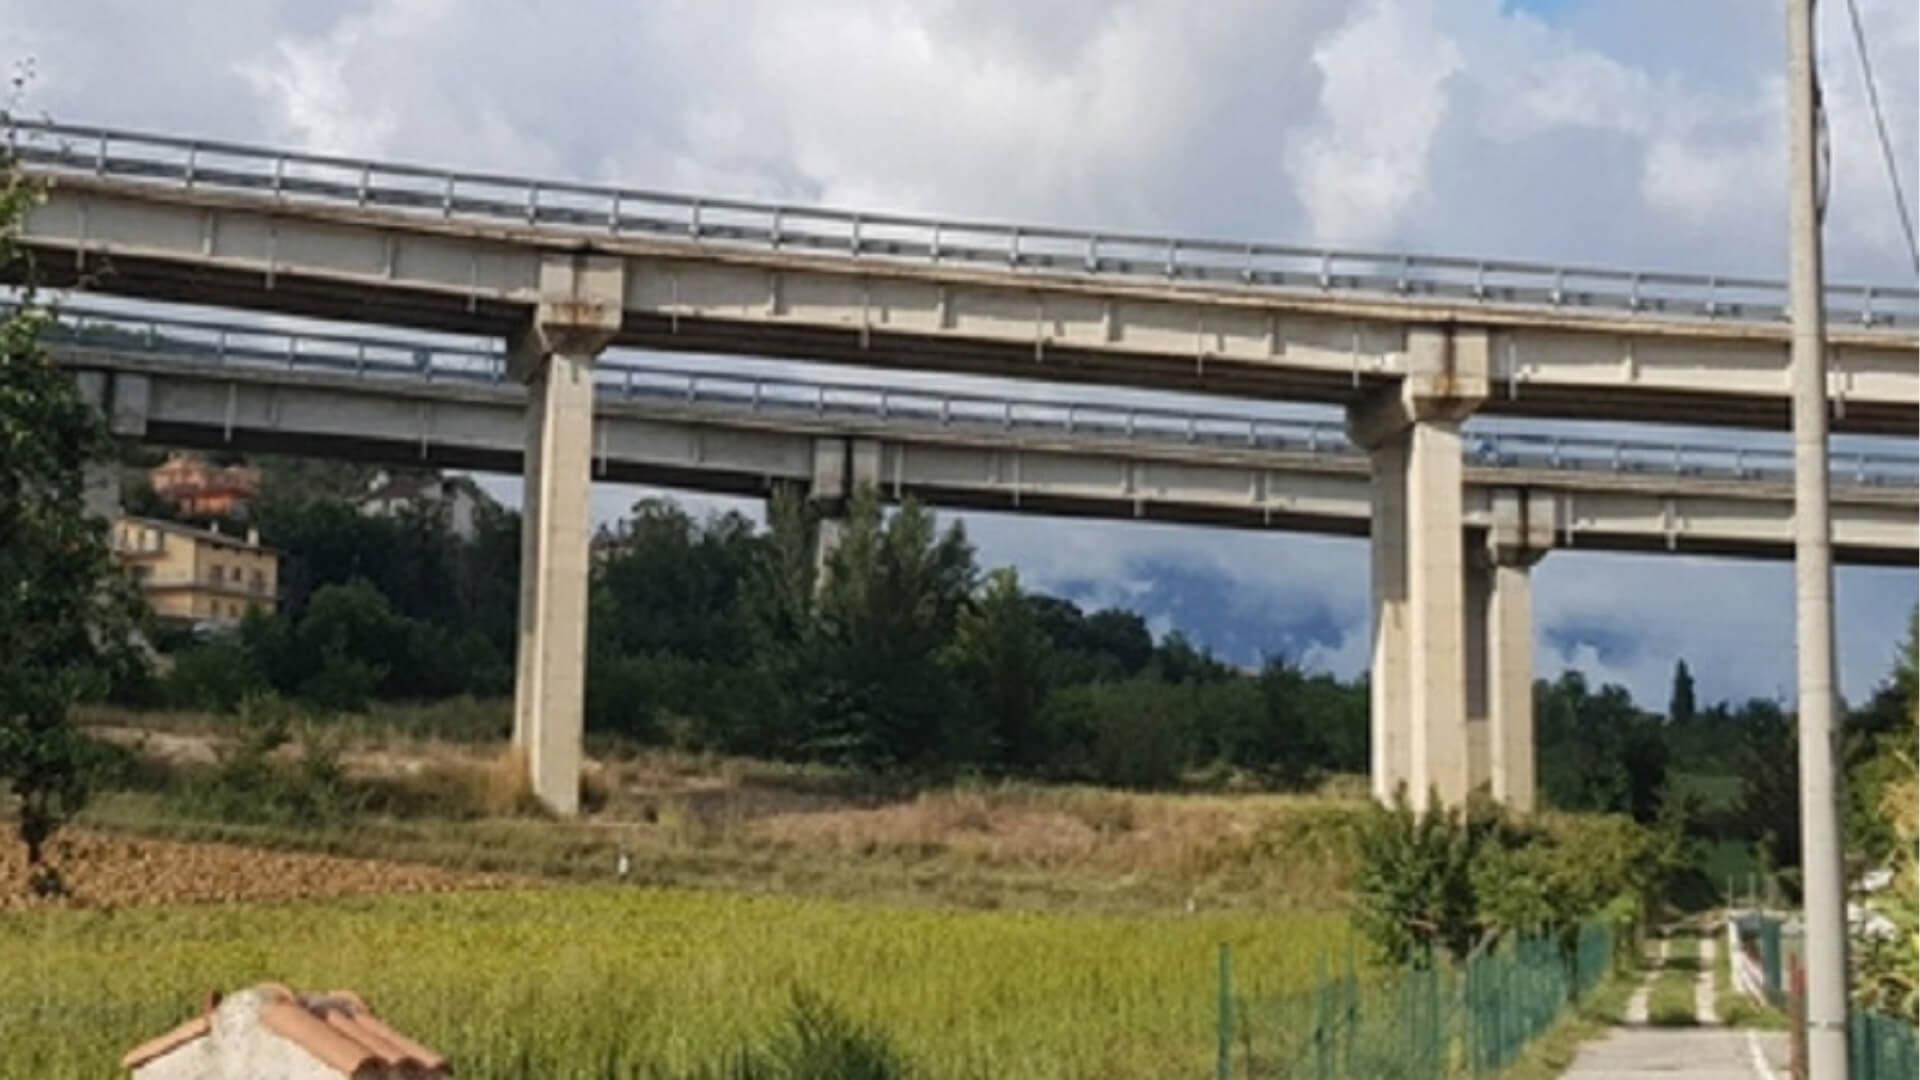 E45 Viadotto Puleto v2. Autorizzata la riapertura al transito di veicoli fino a 30 tonnellate